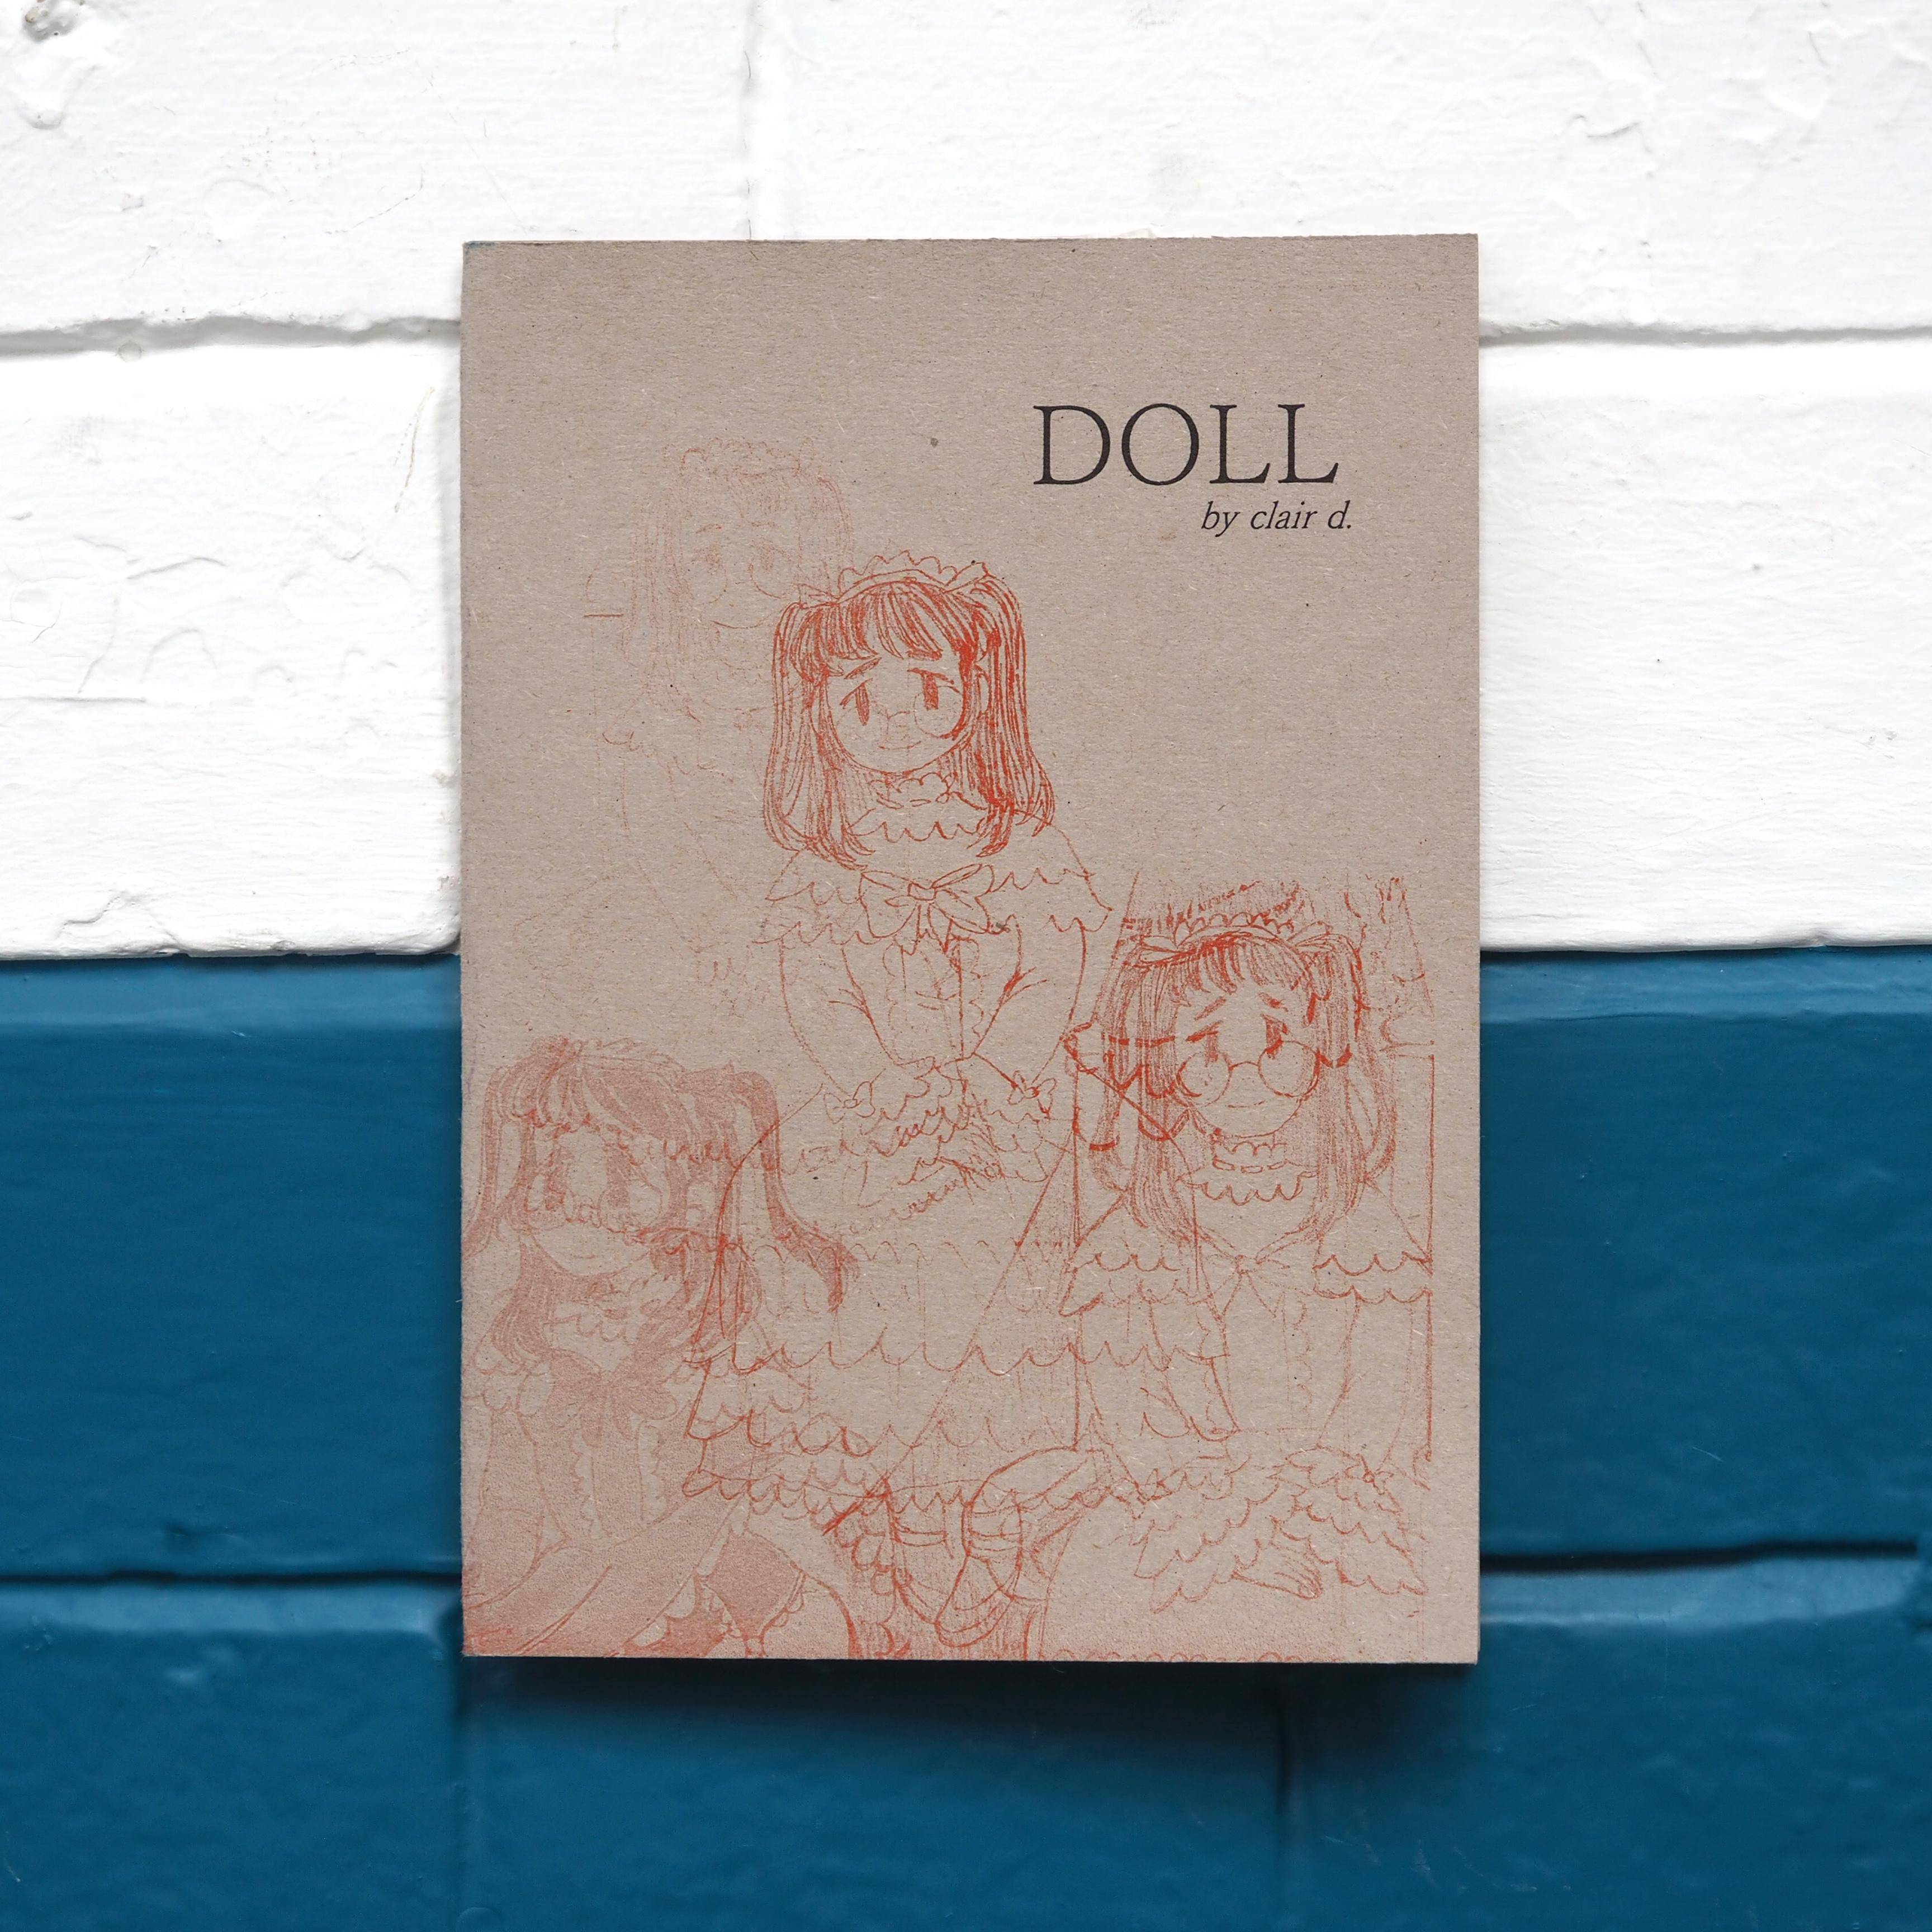 Doll- Clair D.